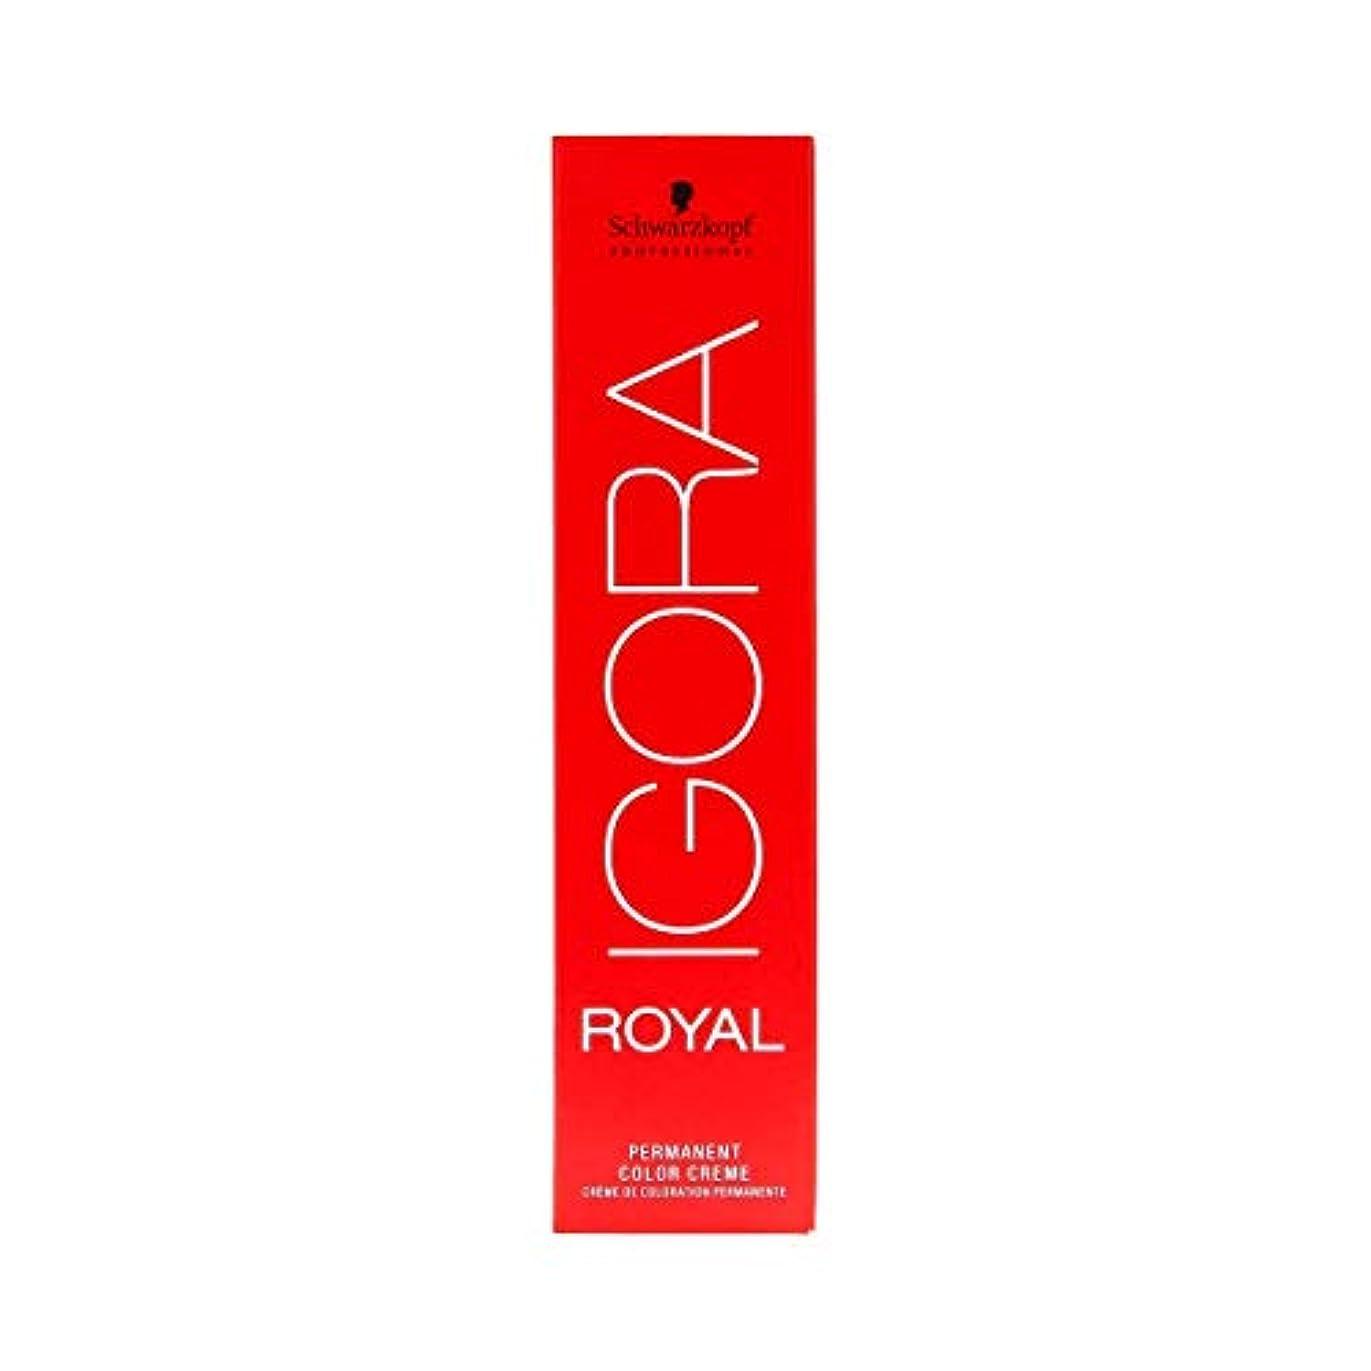 リラックス適応する混合シュワルツコフ IGORA ロイヤル8-65パーマネントカラークリーム60ml[海外直送品] [並行輸入品]